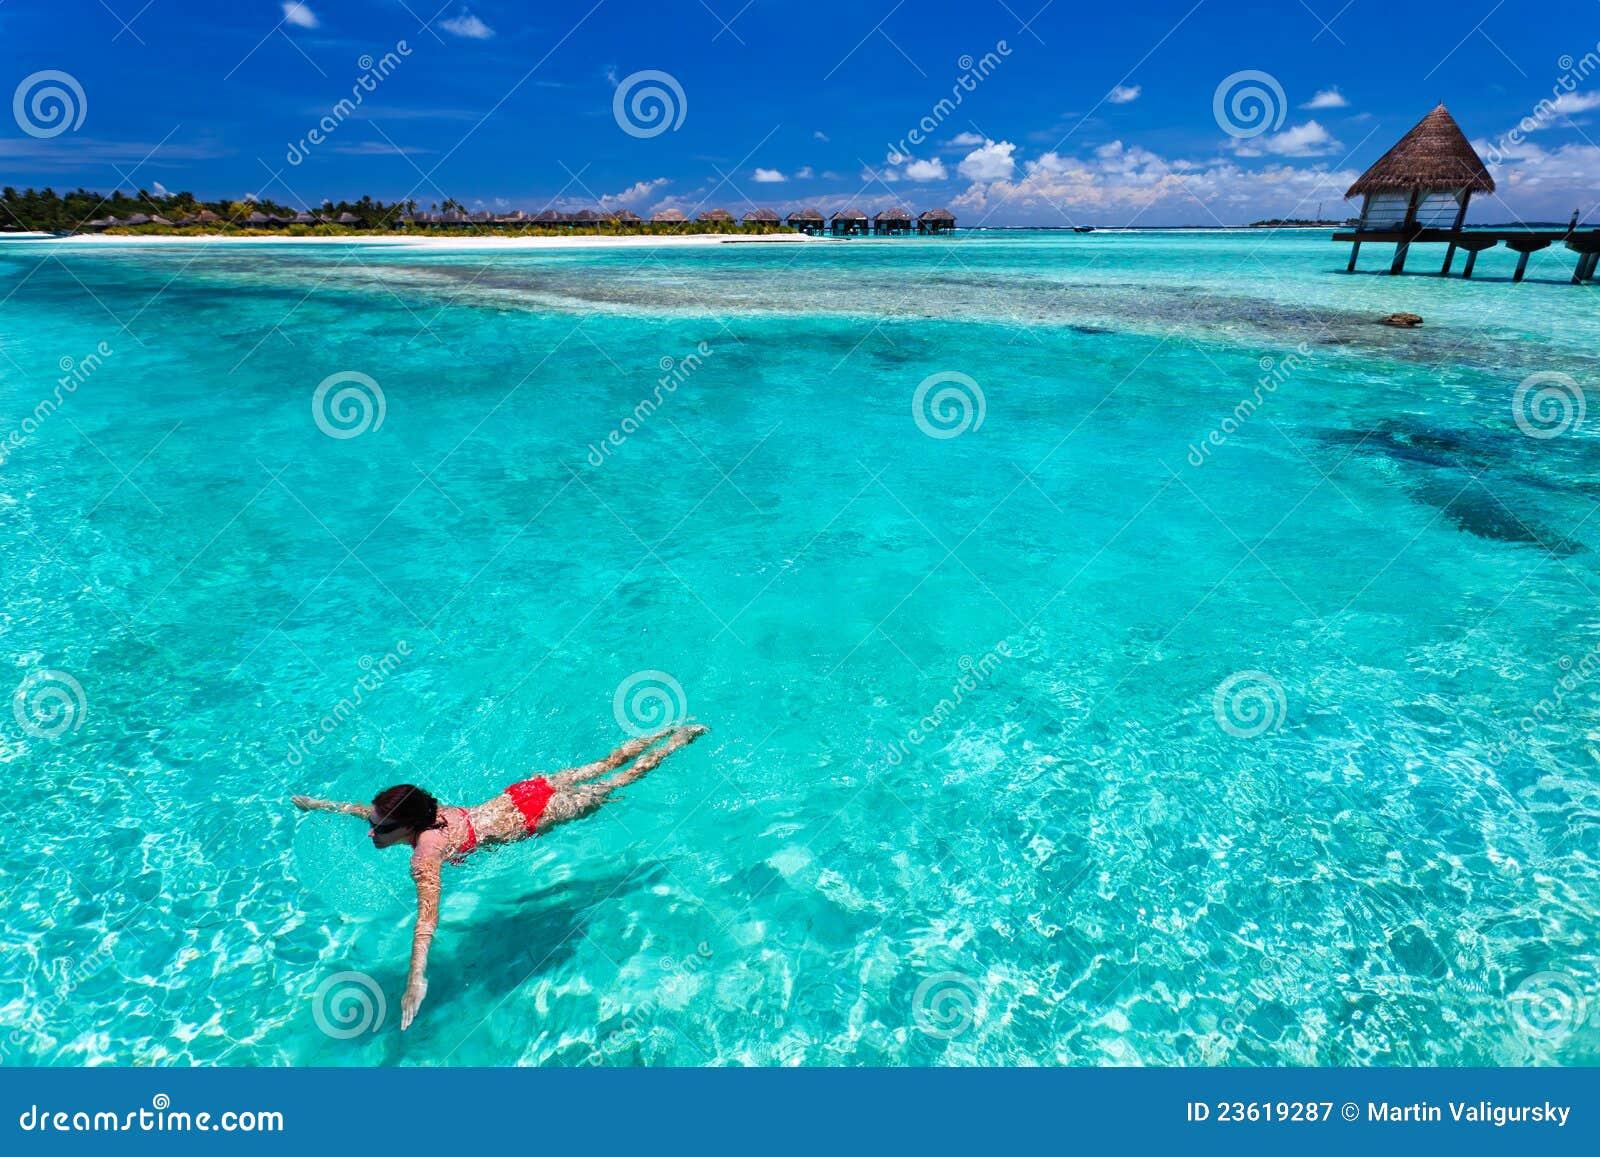 Frau in der roten Bikinischwimmen in einer korallenroten Lagune